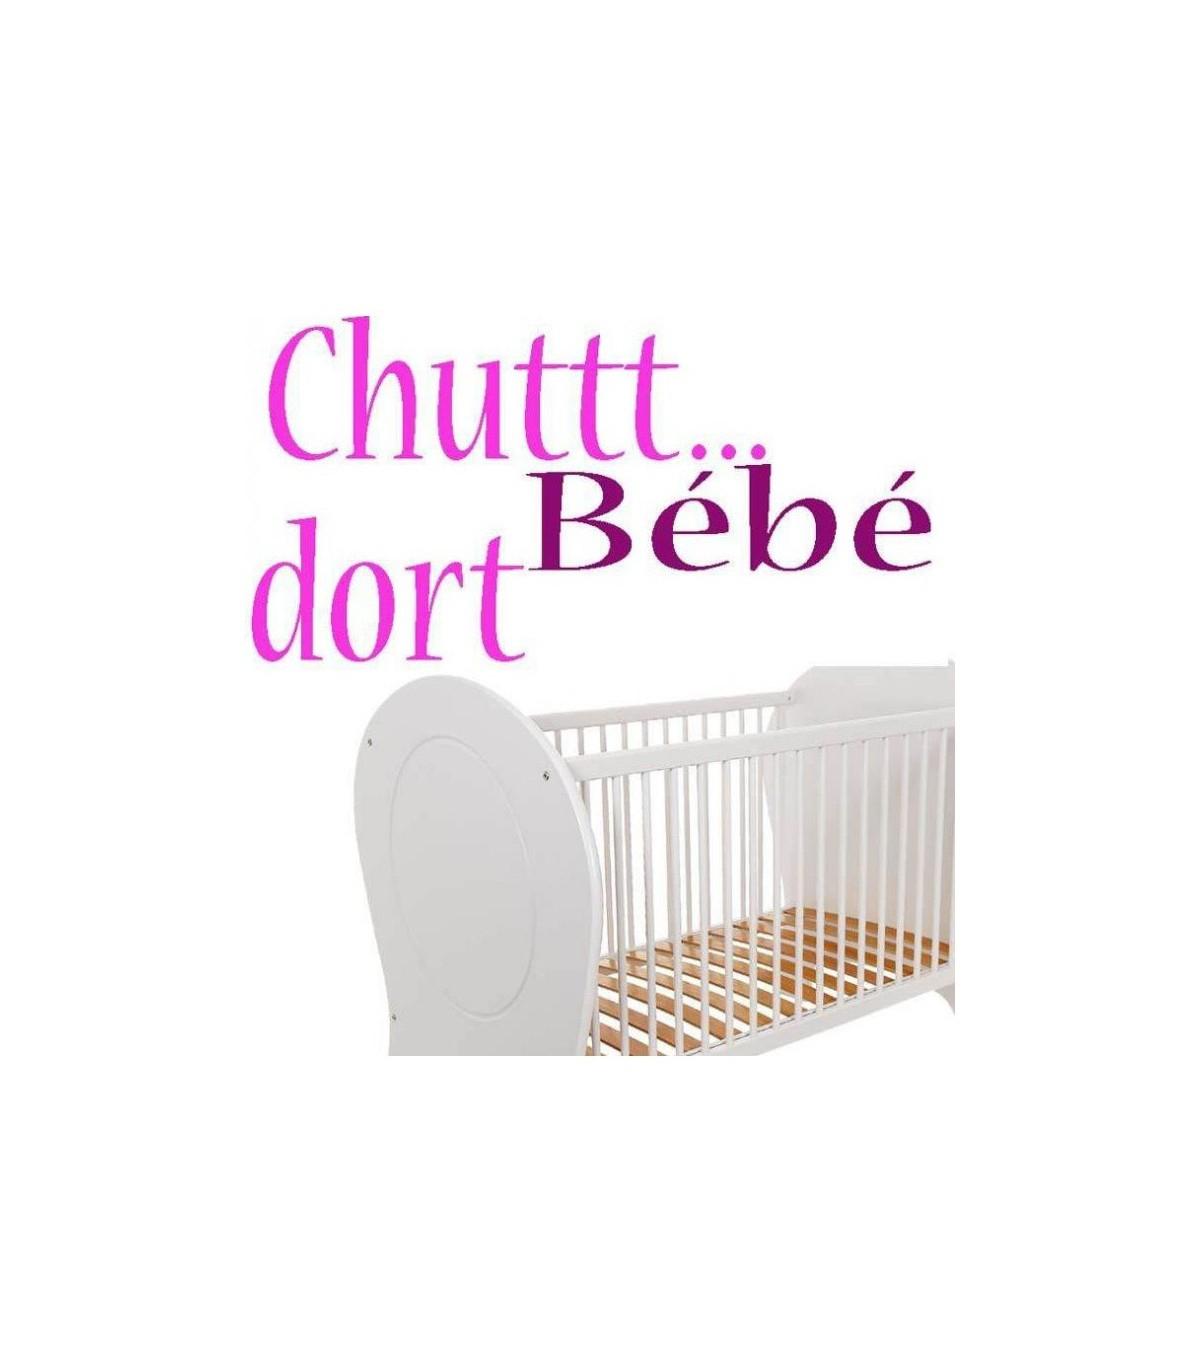 Sticker Pour La Chambre De Bebe : Sticker Bebe Dort, Autocol dedans Image Chut Bébé Dort